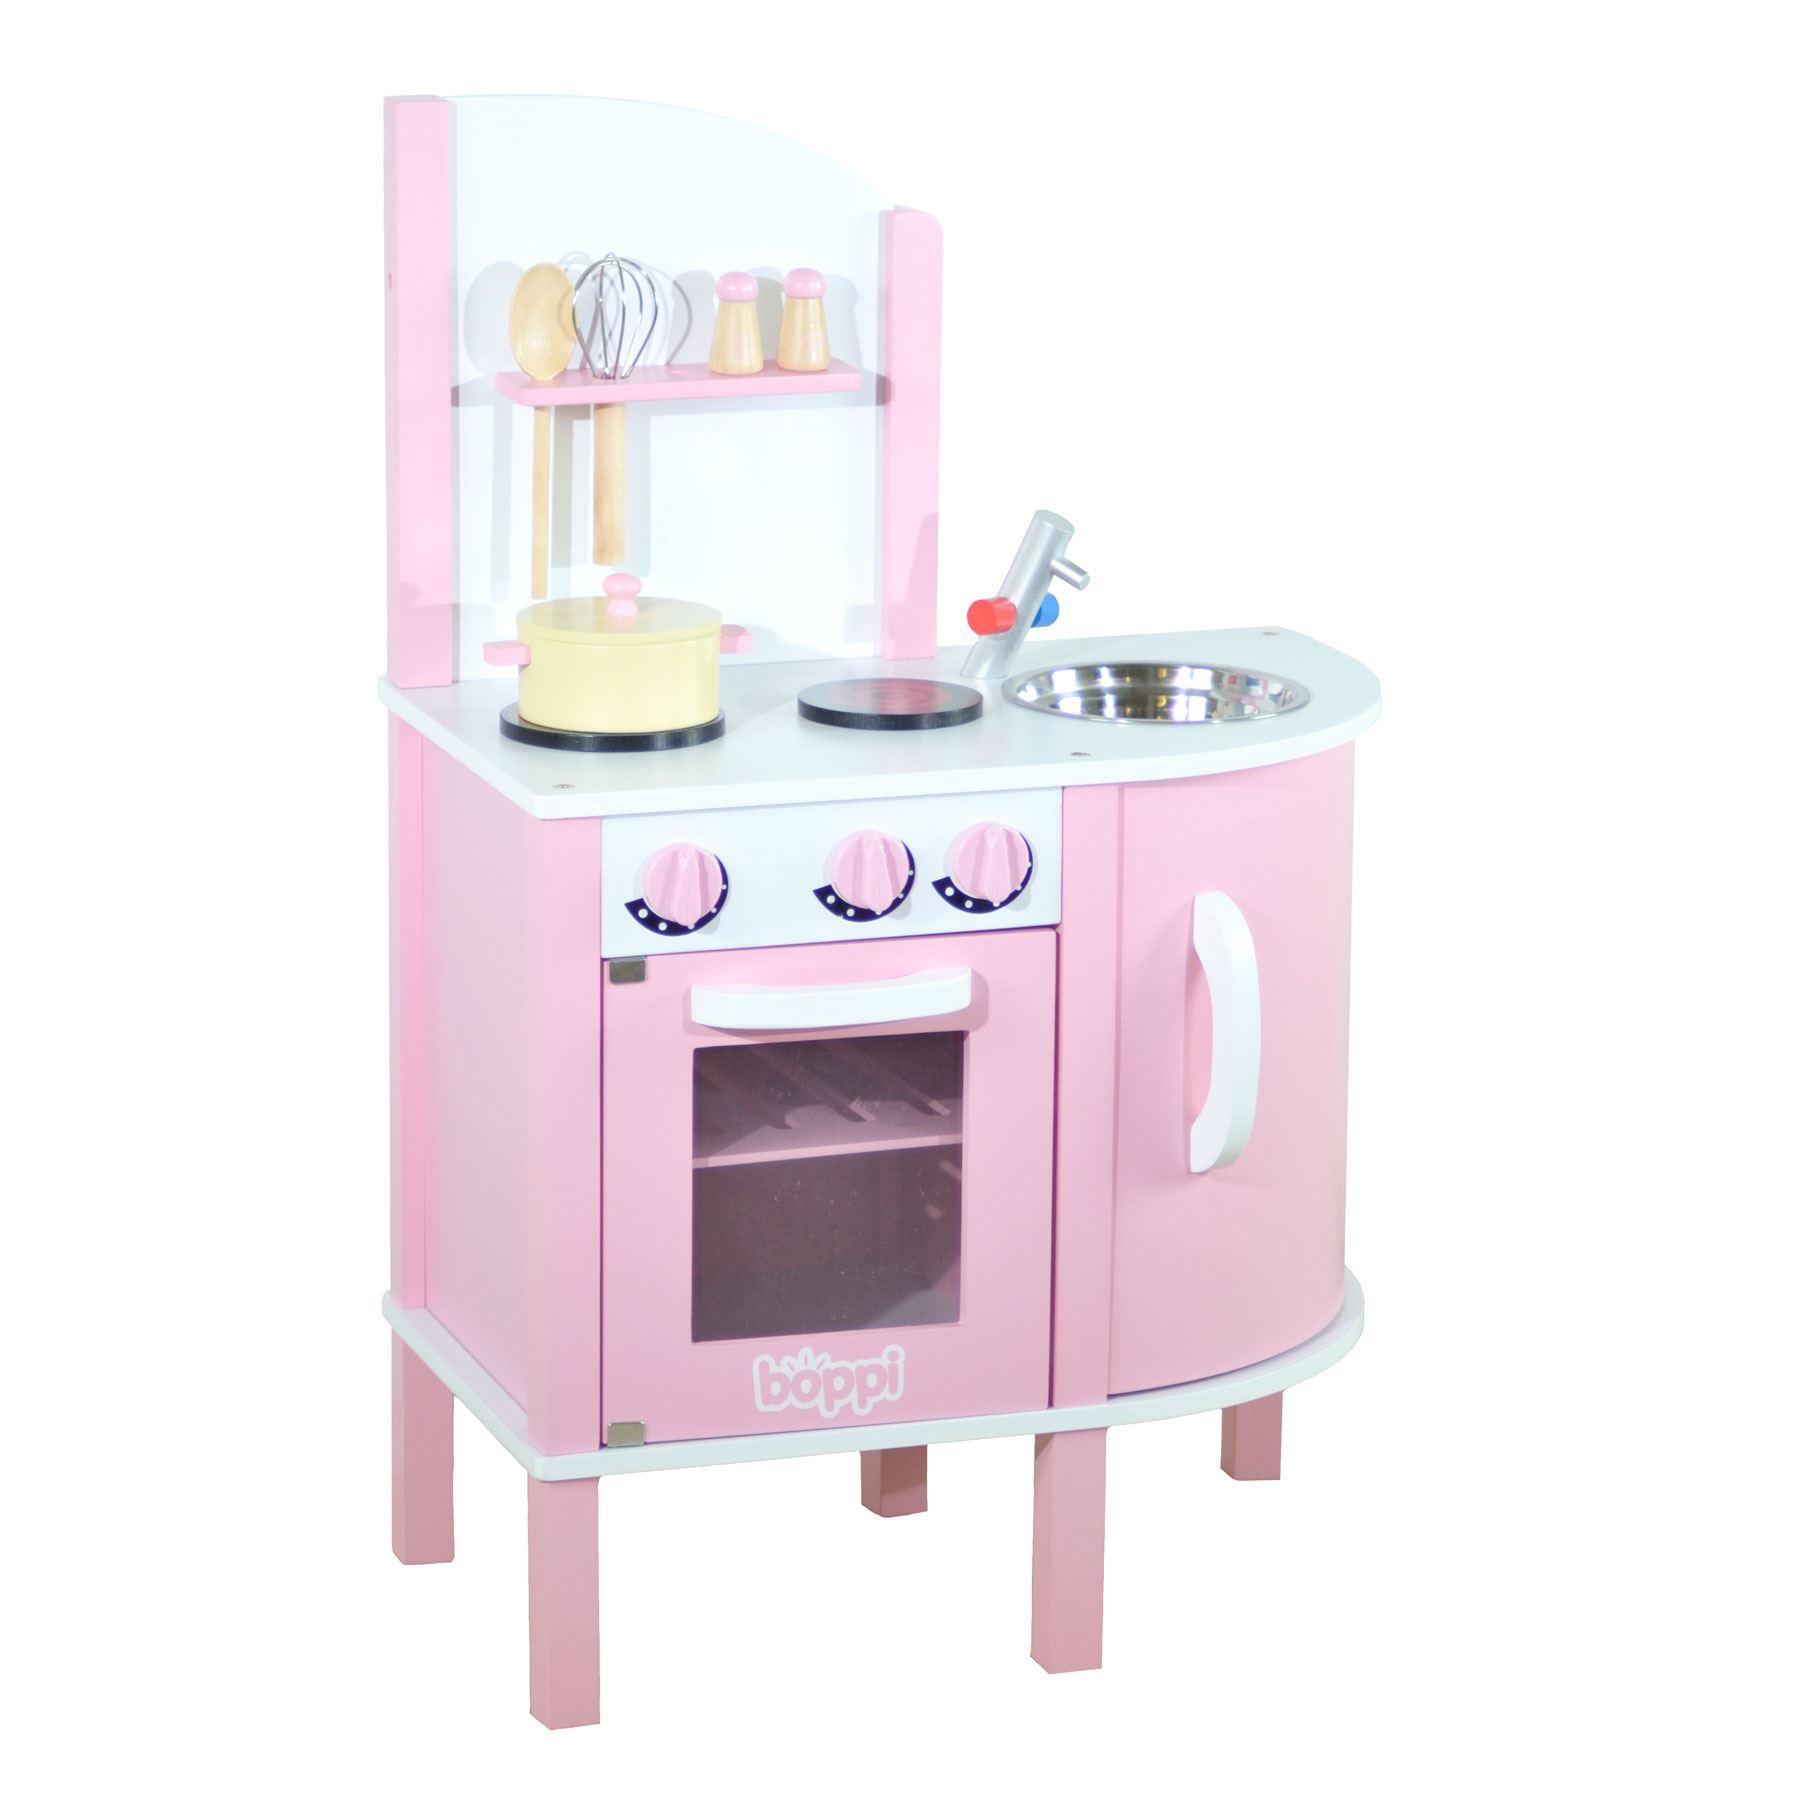 Pink Kitchen Set: Childrens Girls Pink Wooden Toy Kitchen With 5 Piece